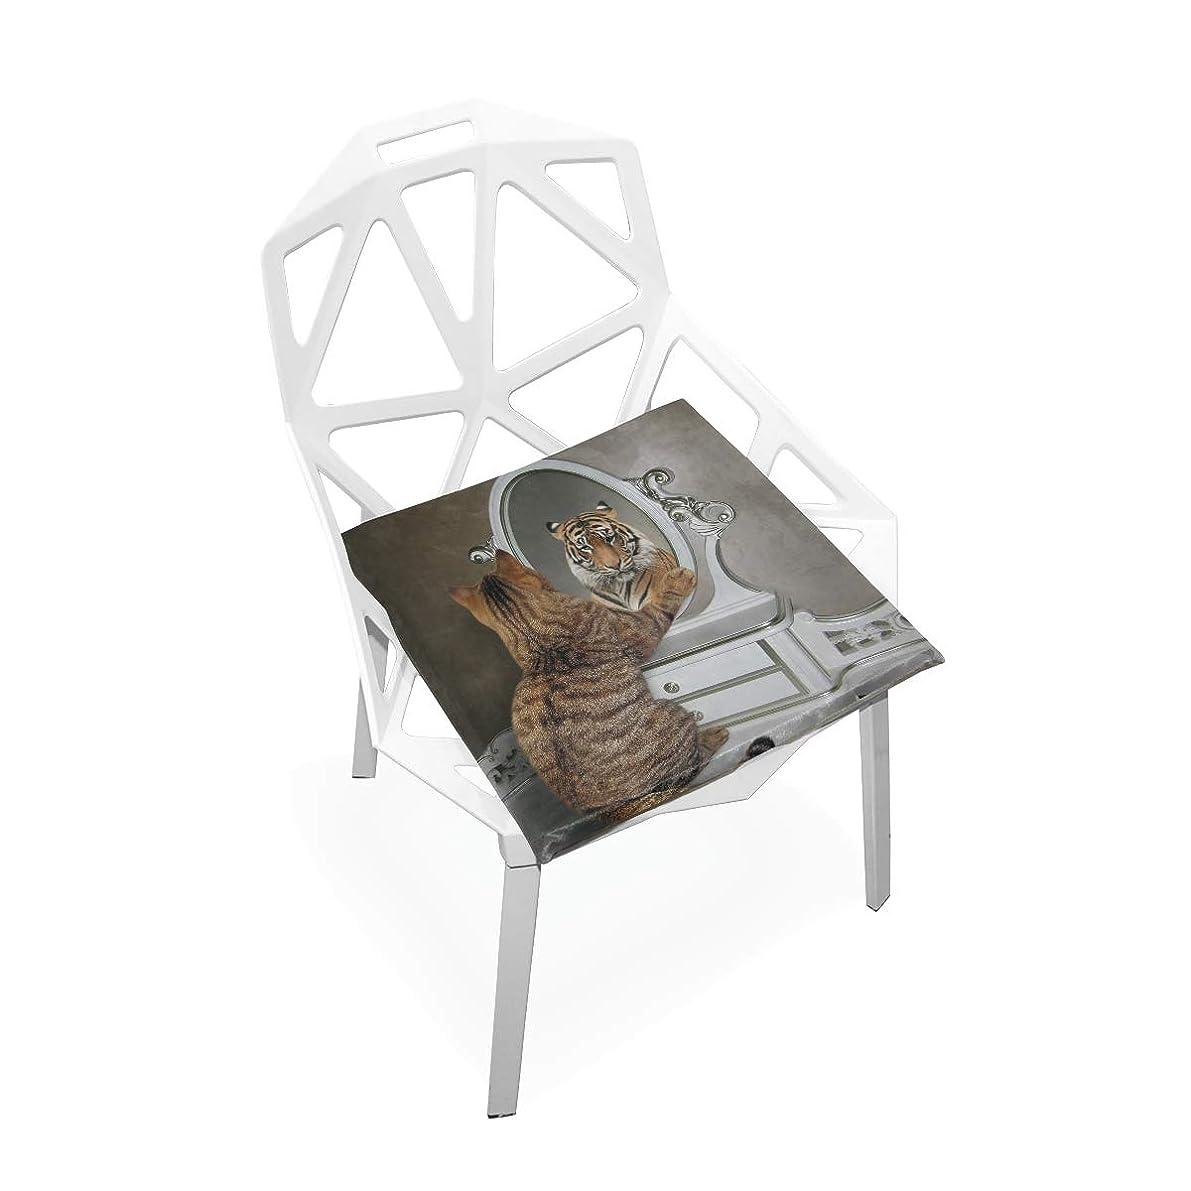 に負けるインシュレータ右座布団 低反発 猫柄 面白い 虎柄 タイガー 鏡に映する猫 椅子用 ビロード オフィス 車 洗える 40x40 かわいい おしゃれ ファスナー ふわふわ 学校 fohoo